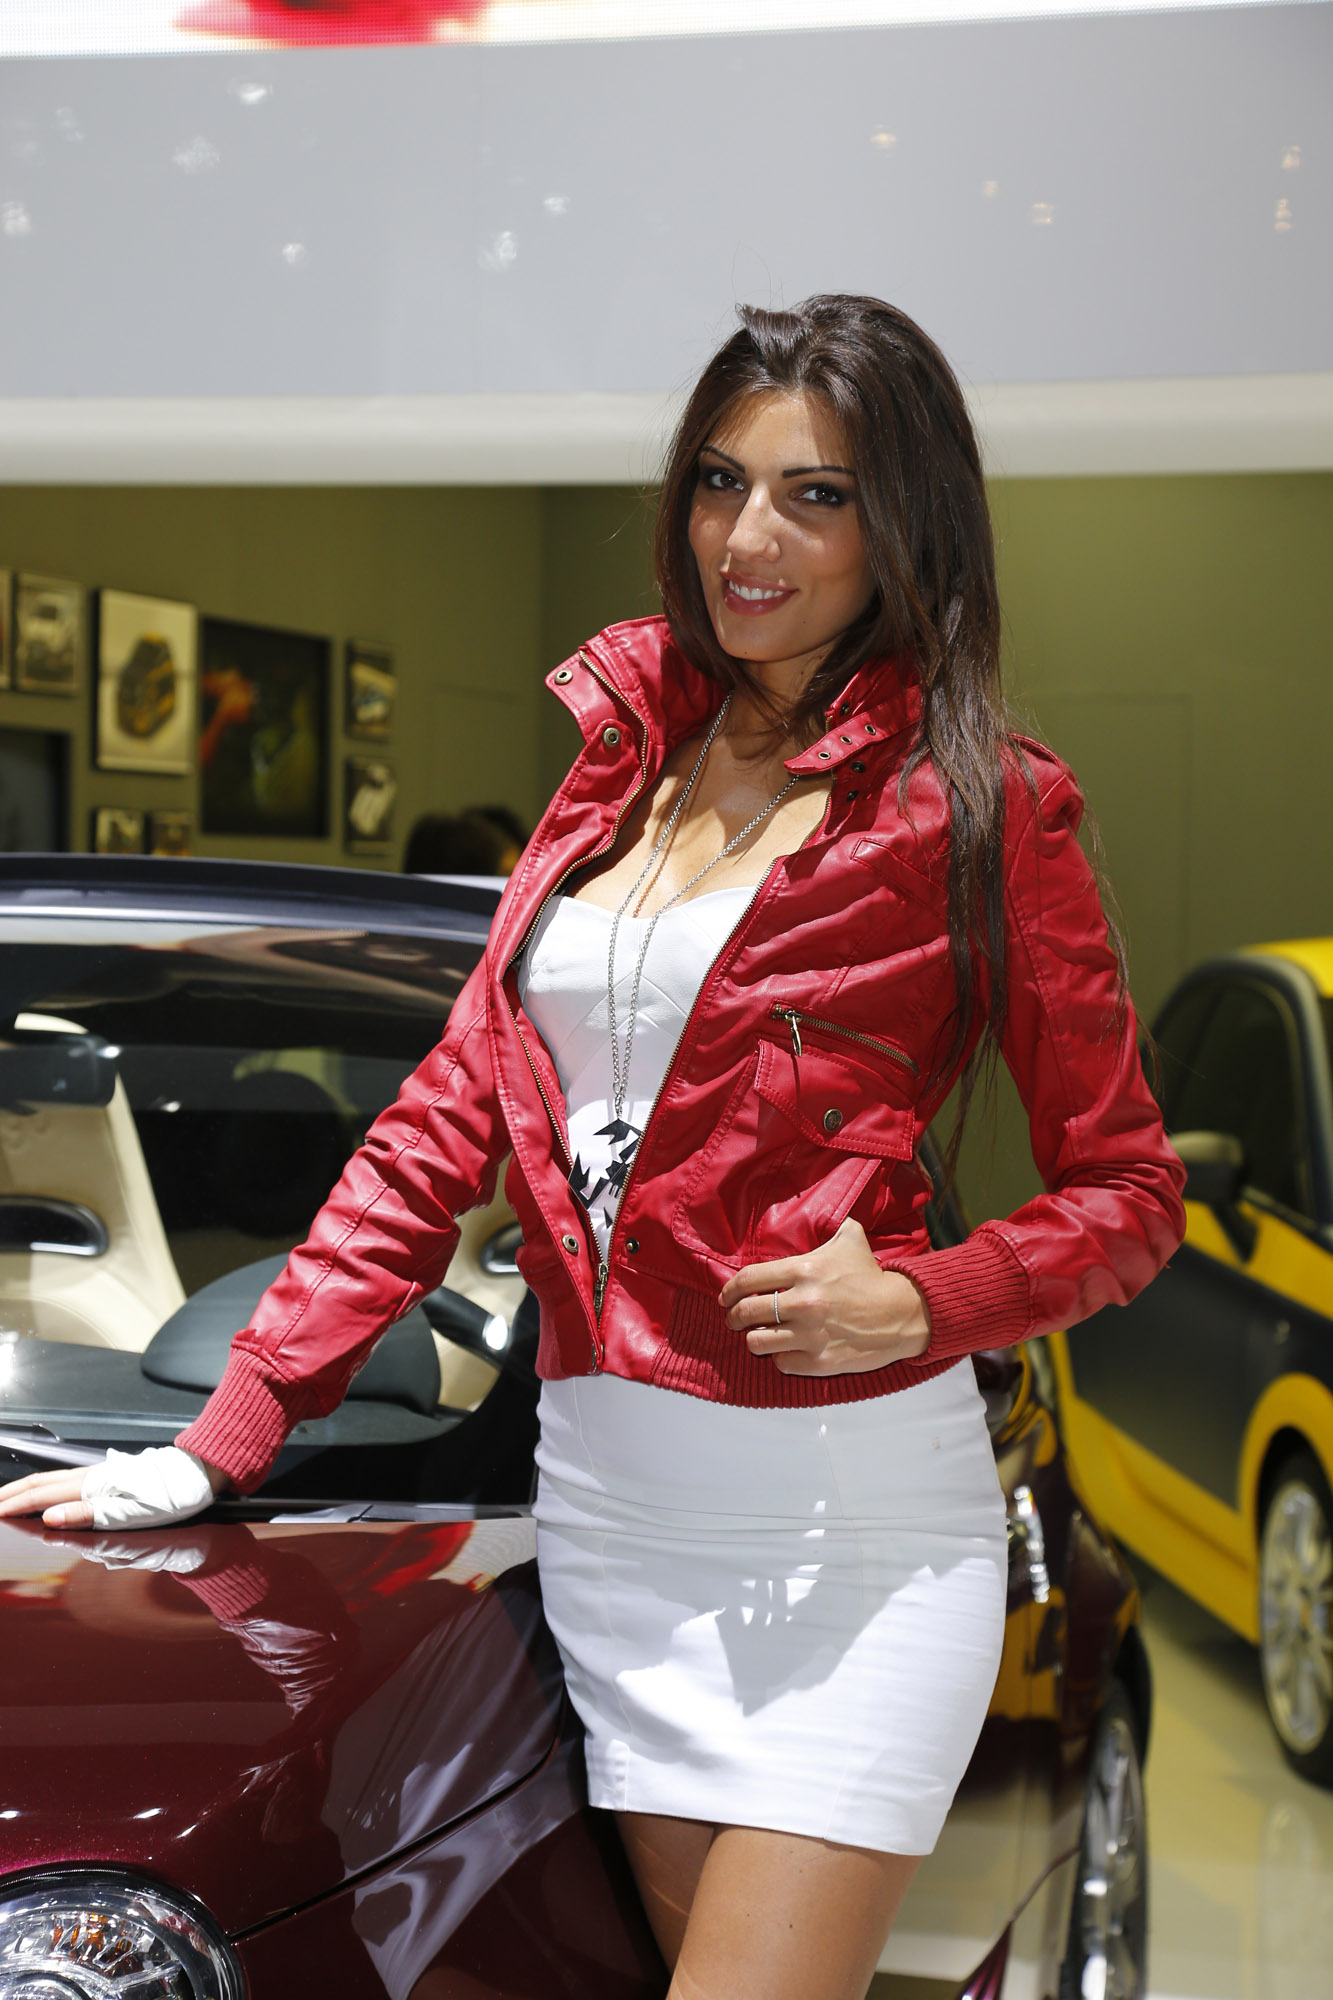 Sr auto audi a7 picture 8 of 10 2012 for Show a paris